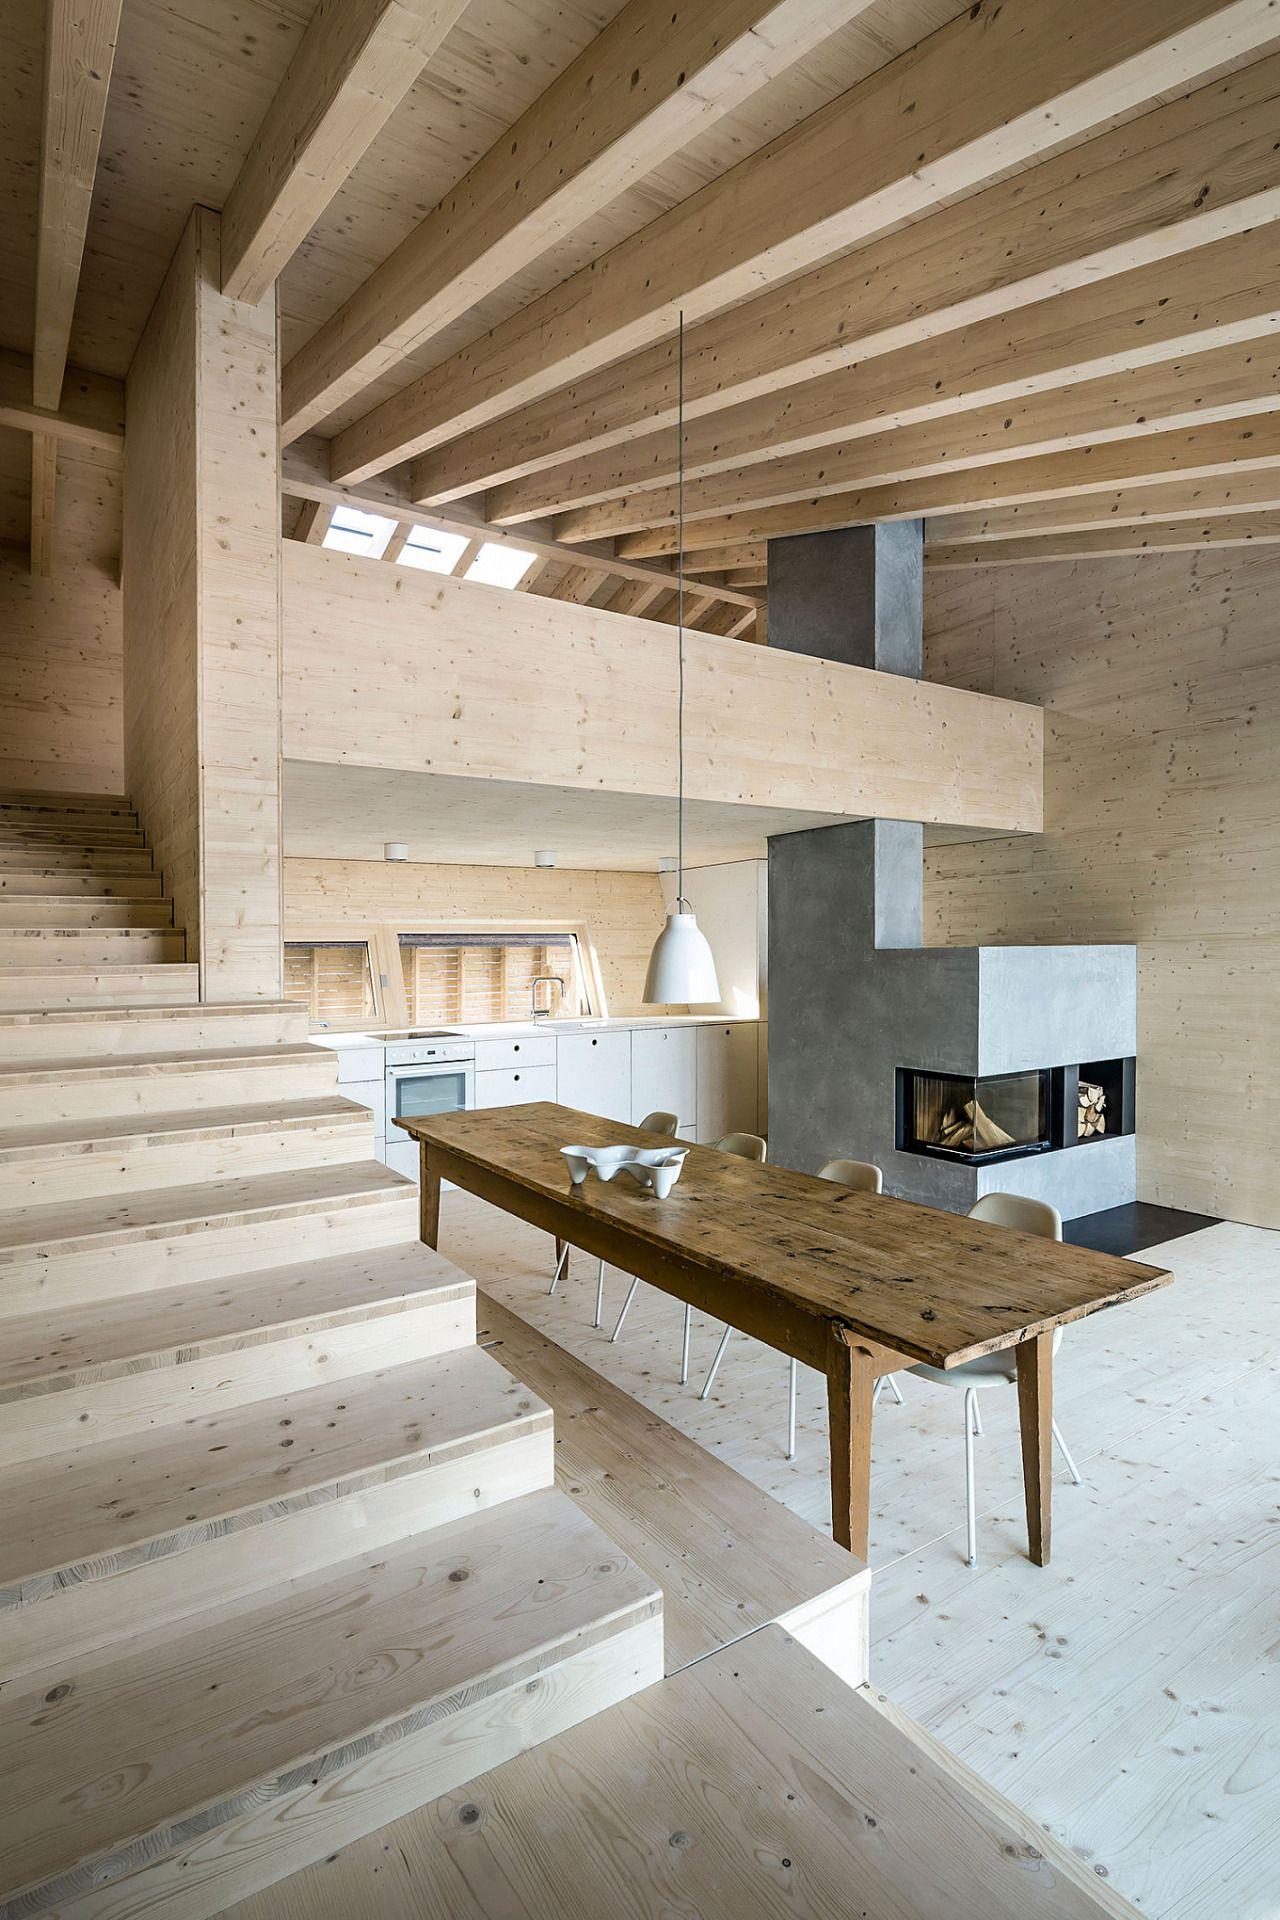 Interior design aus Holz | Inneneinrichtung | Pinterest | Holz ...